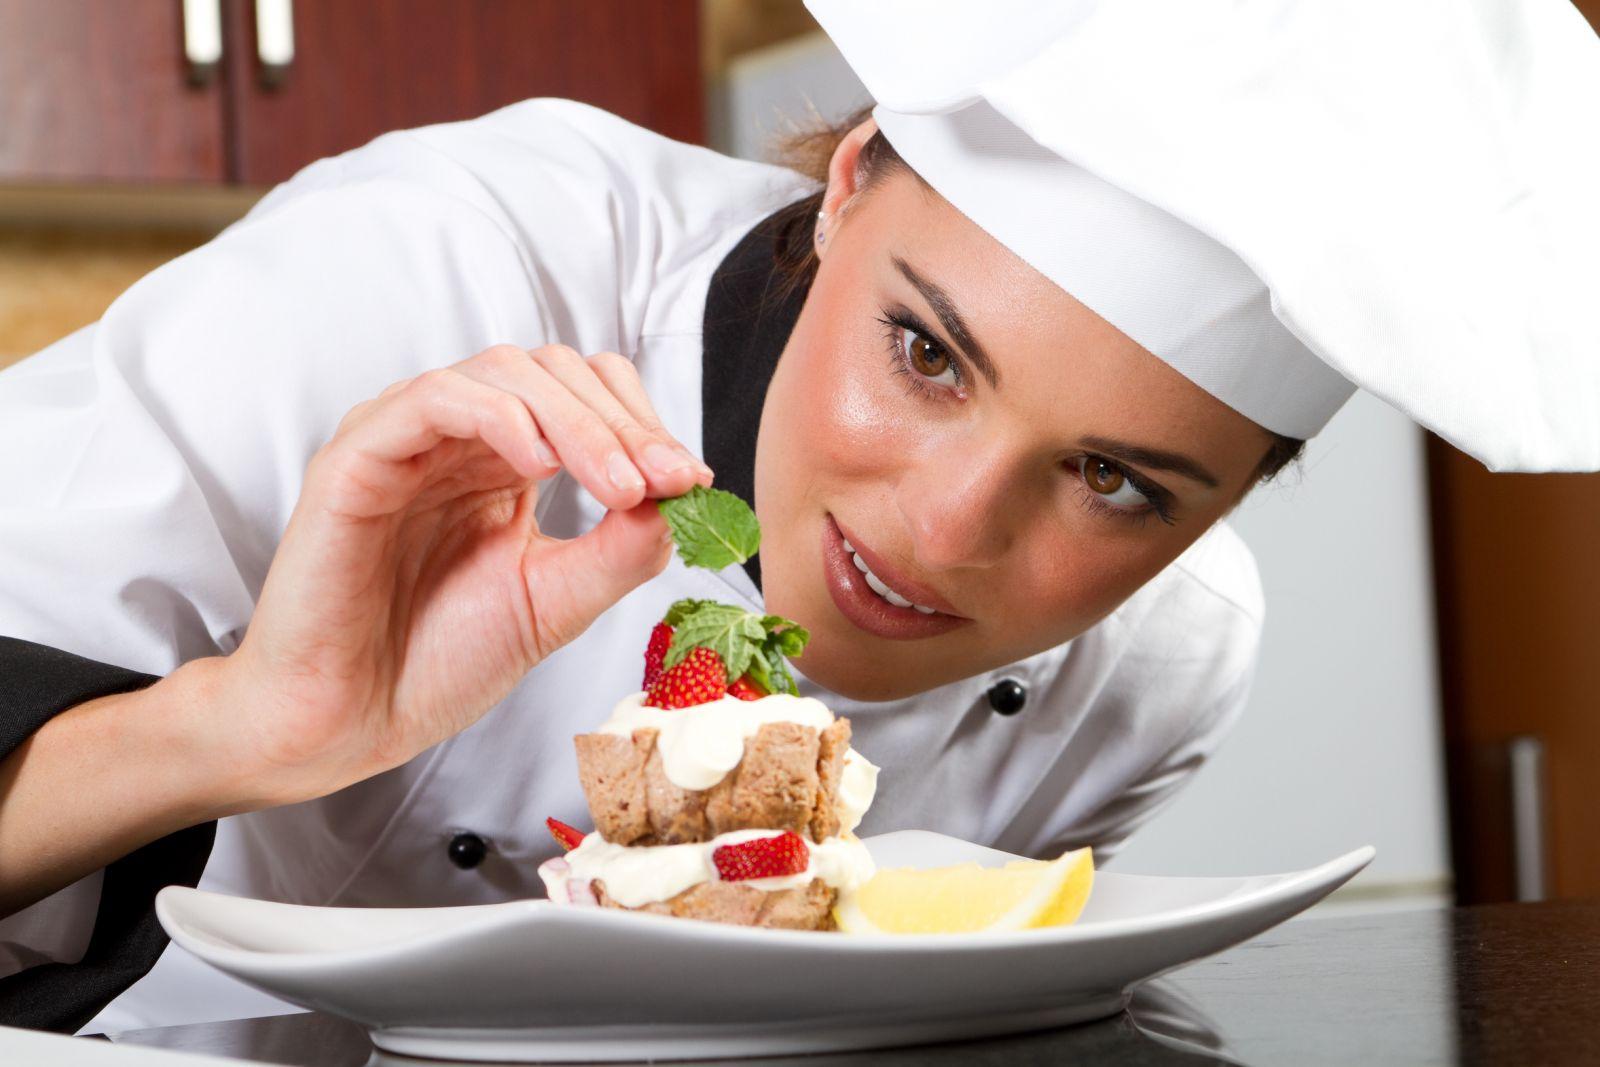 """Quản trị chế biến món ăn là gì ? Ra trường làm công việc gì ? là câu hỏi của hầu hết các thí sinh khi lựa chọn theo nghiệp """"đầu bếp"""""""